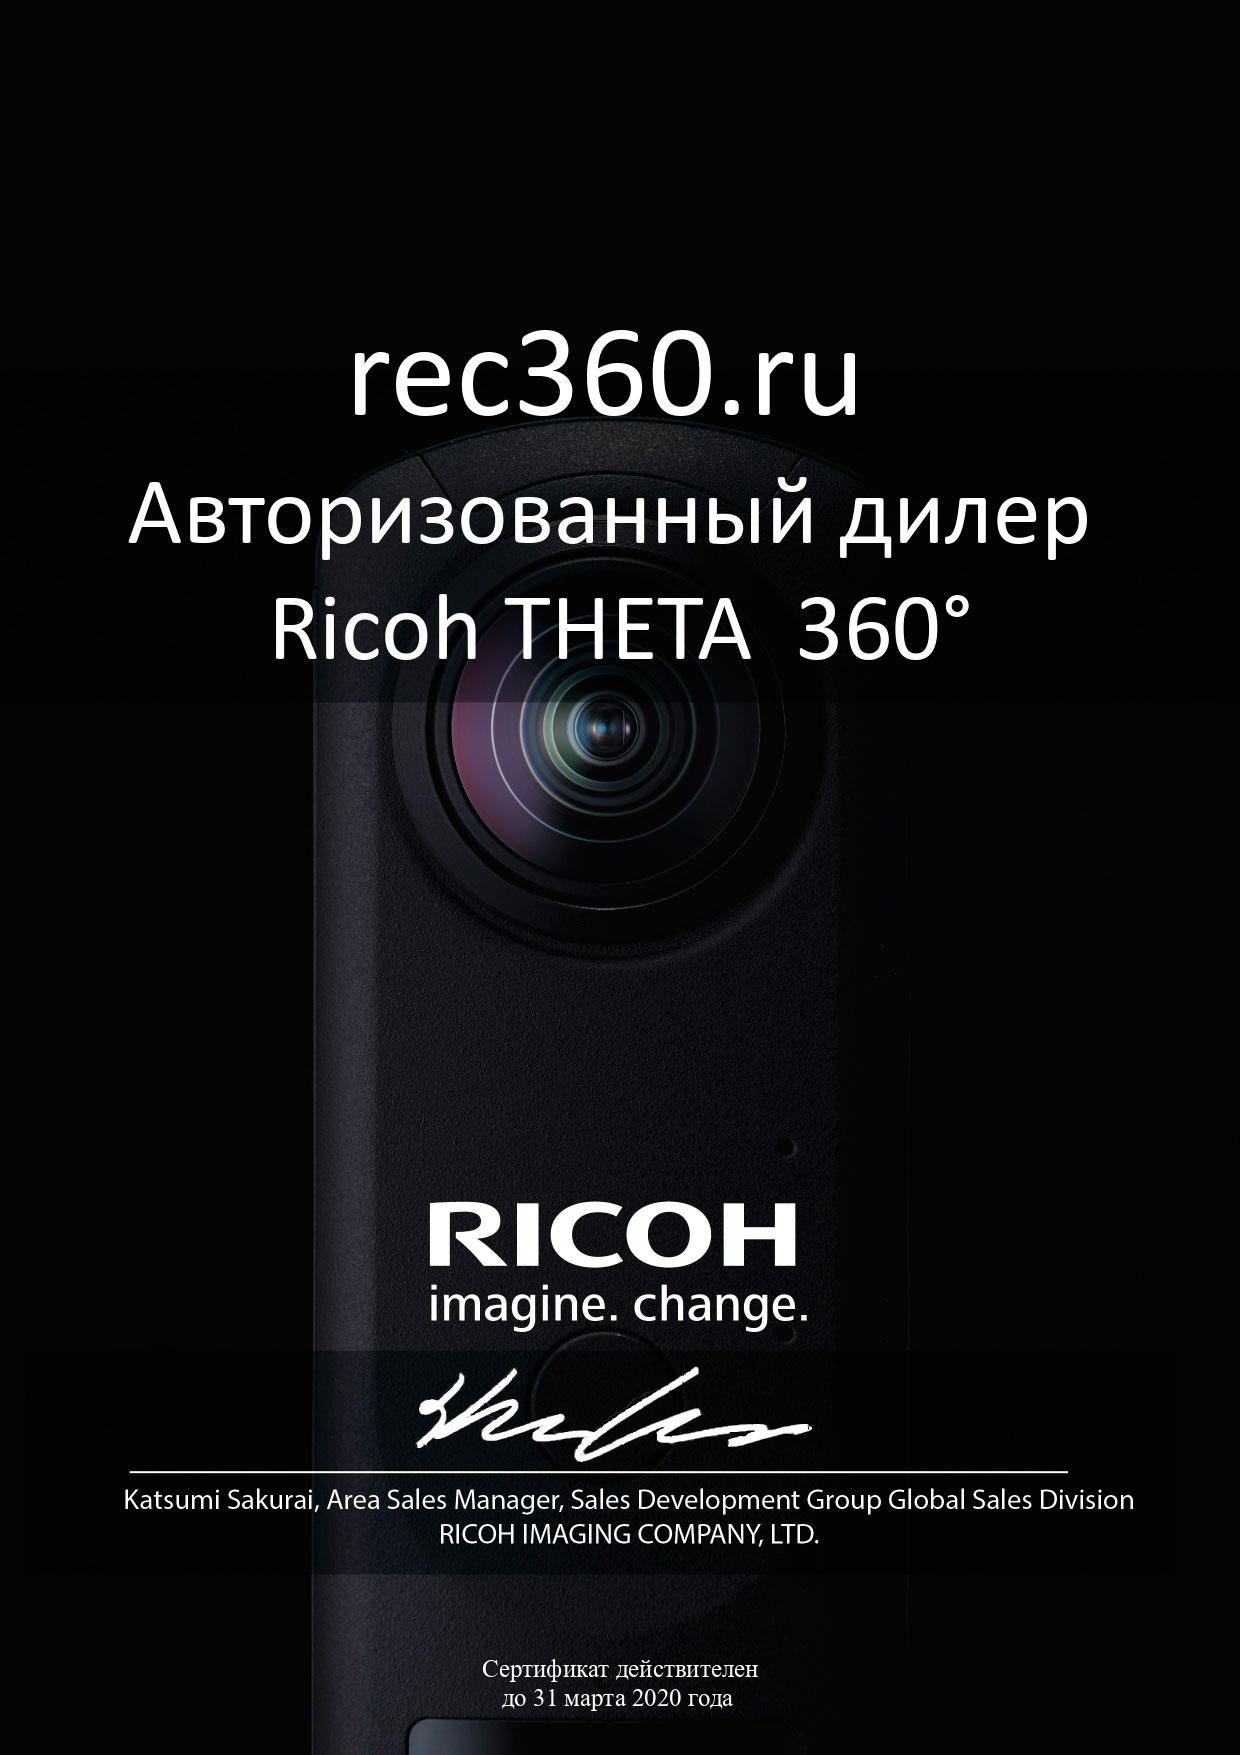 REC360.ru - официальный дилер Ricoh Theta 360 на территории РФ